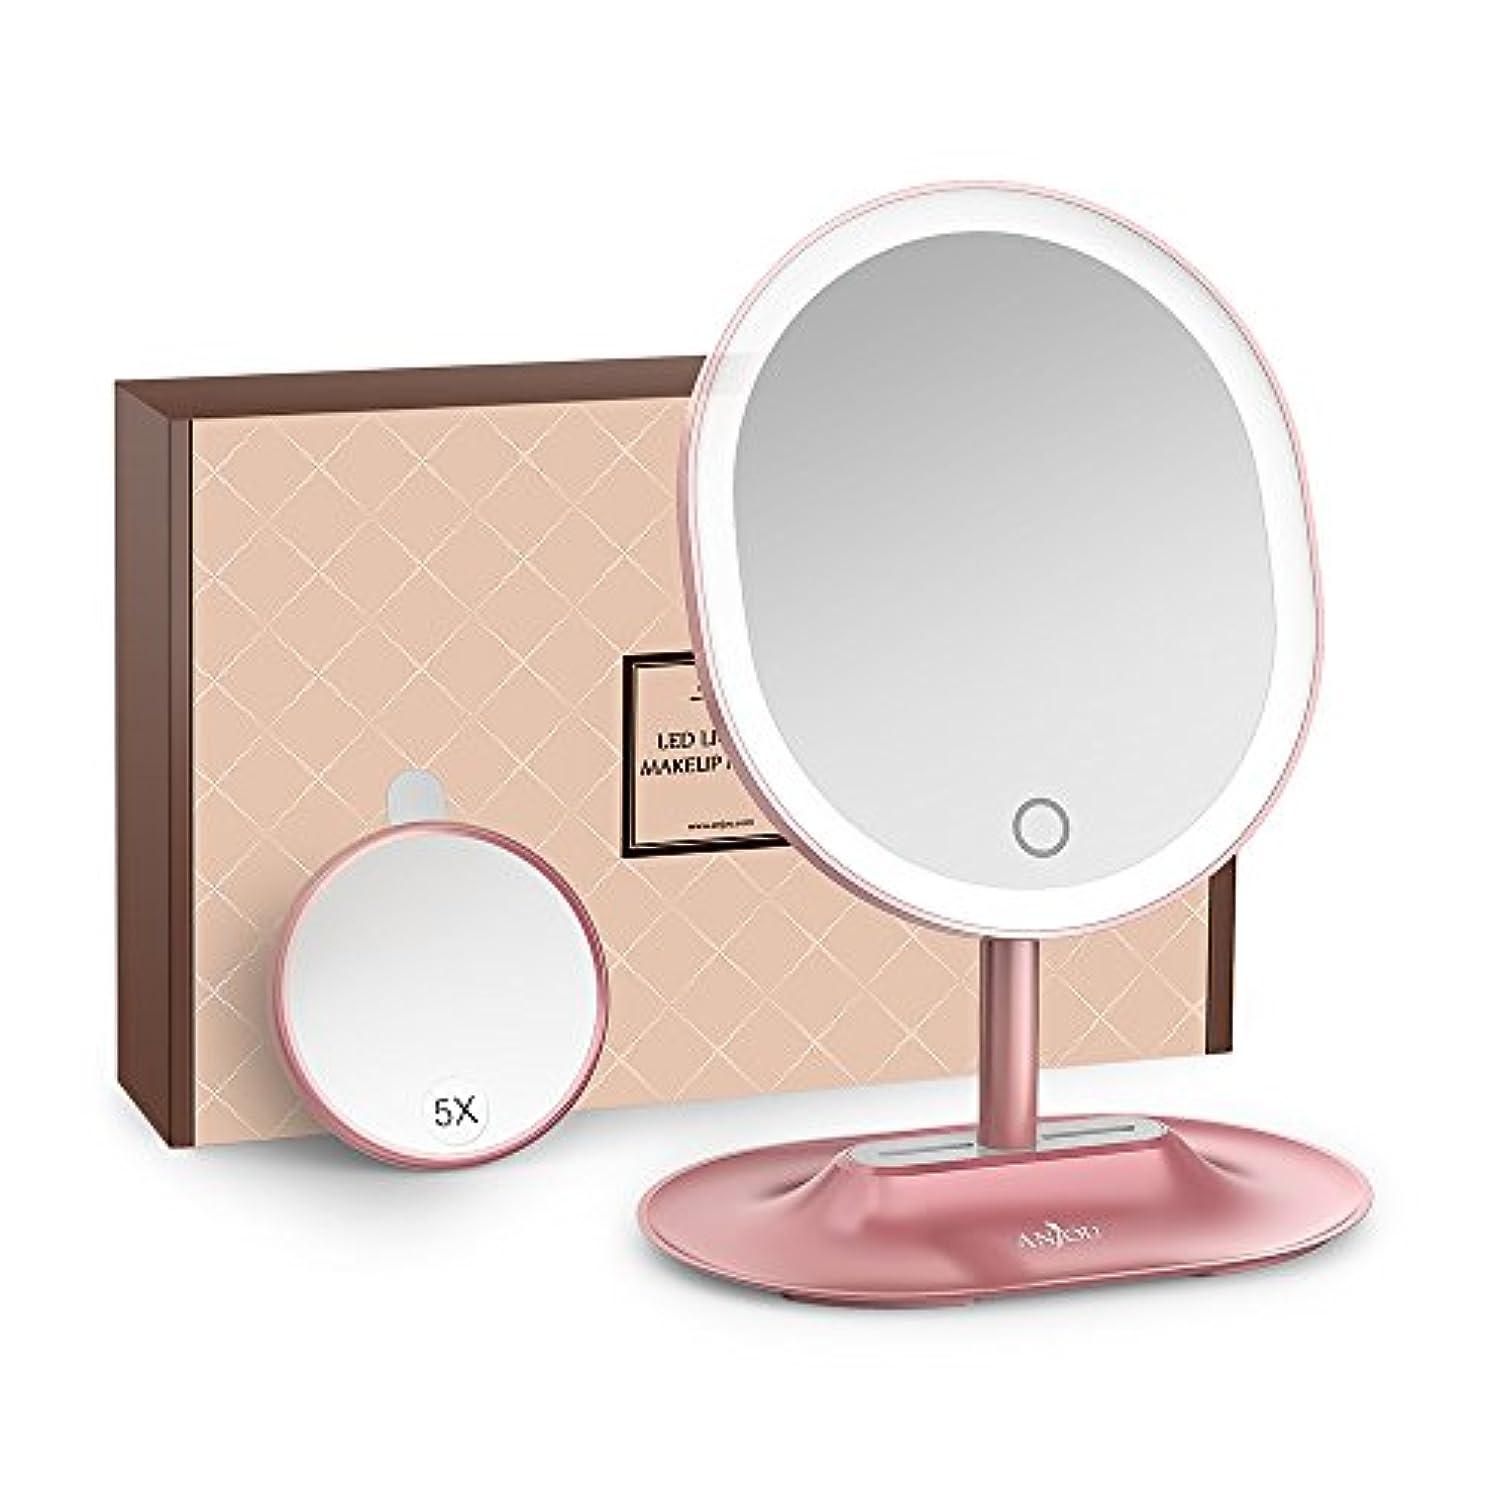 ディレクトリエンドウドローAnjou 化粧ミラー LED 卓上 5倍 拡大鏡 タッチパネル 明るさ調節可 メイク スタンドミラー 120度回転 USB充電 トレー付 (ローズゴールド) AJ-MTA005